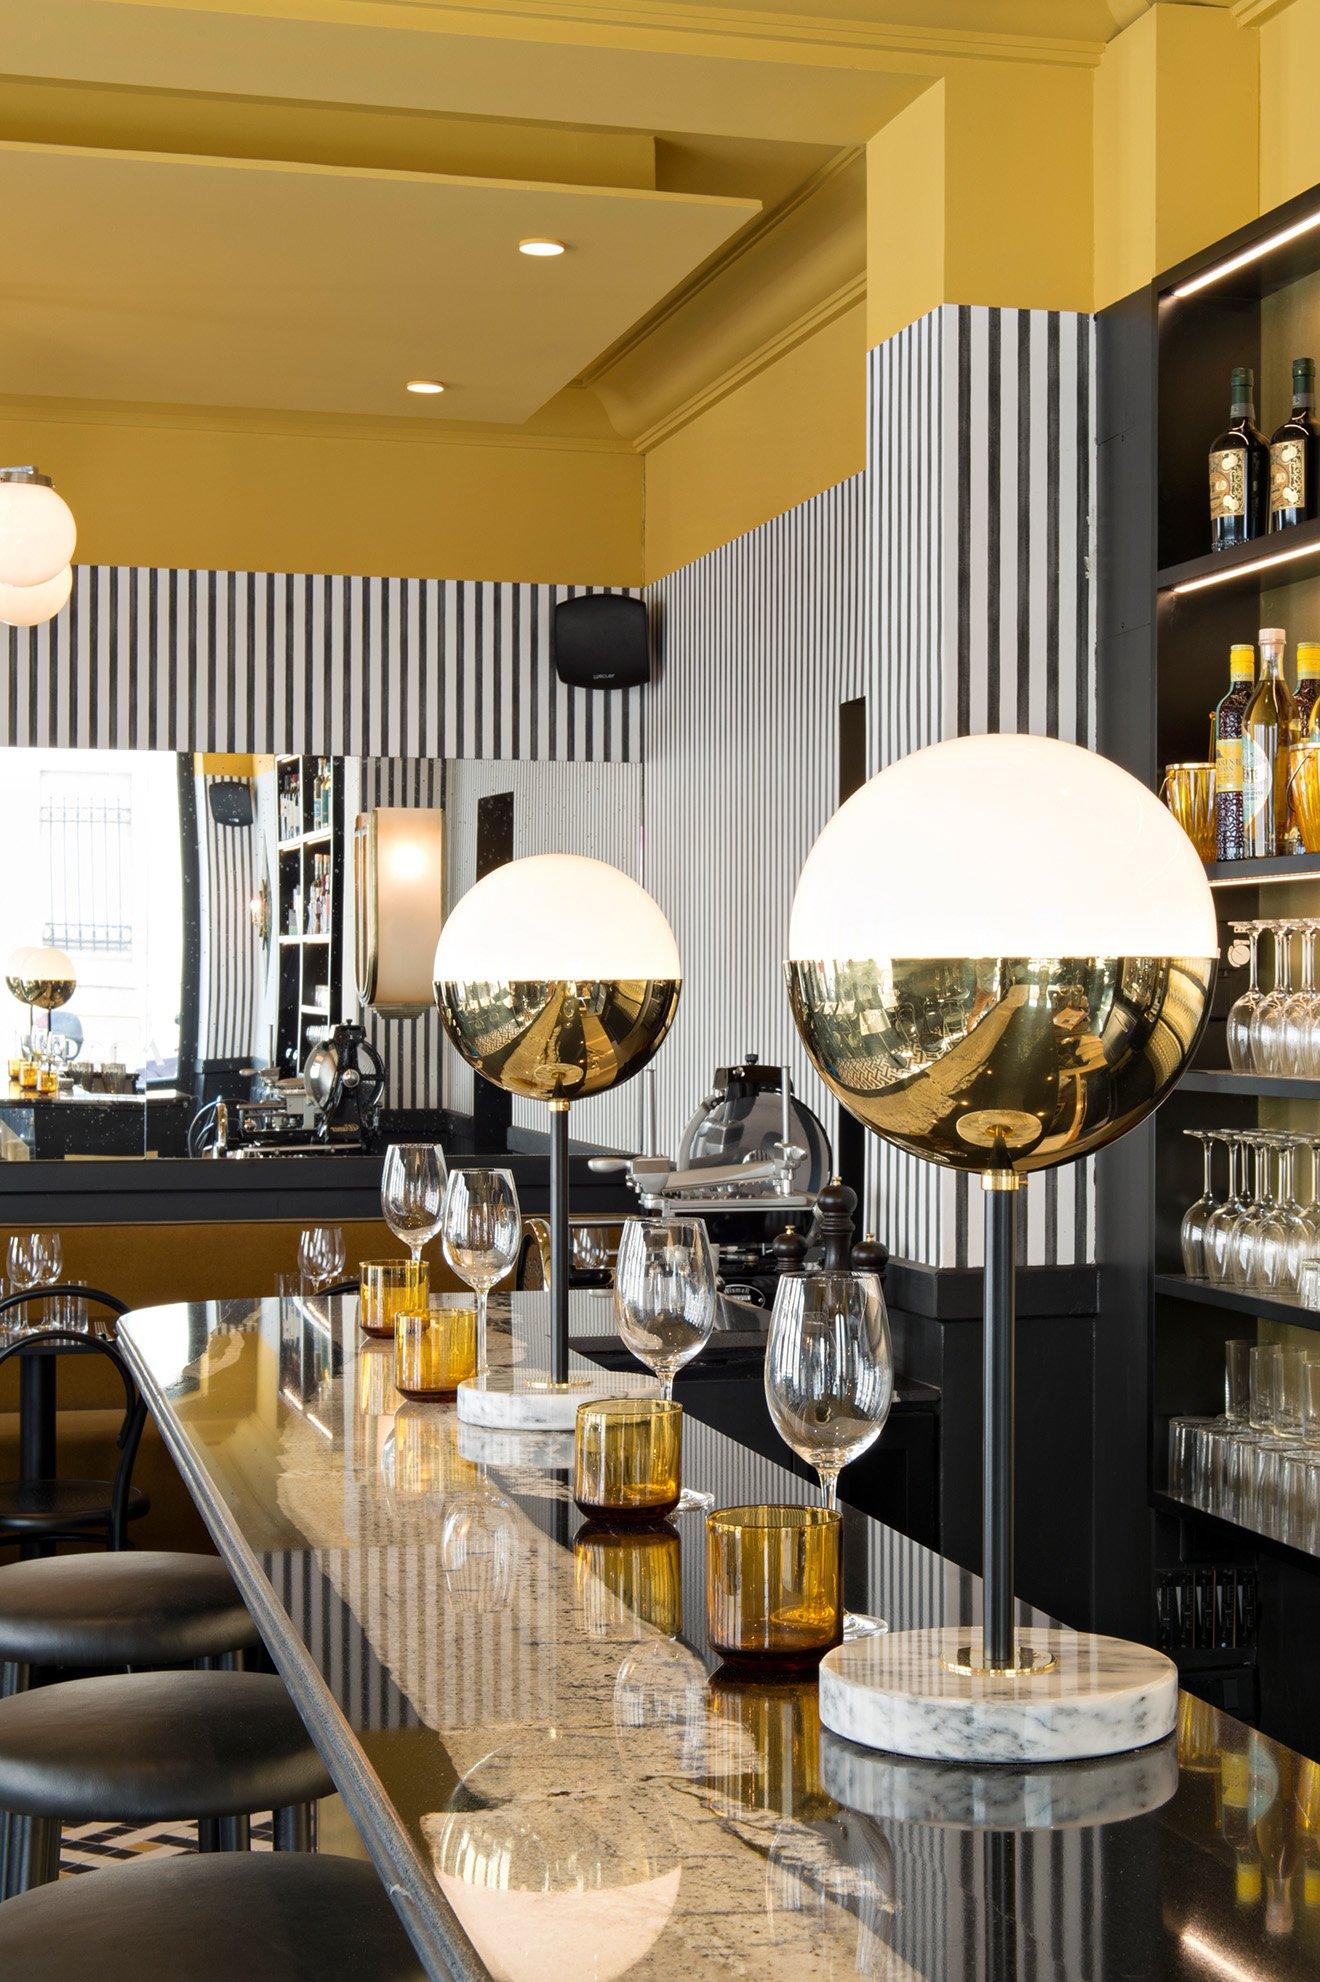 2020 color trends 2020 Color Trends in Interior Design Emilie Bonaventure Epoca Paris Restaurant Design Martyn White Designs Blog 2